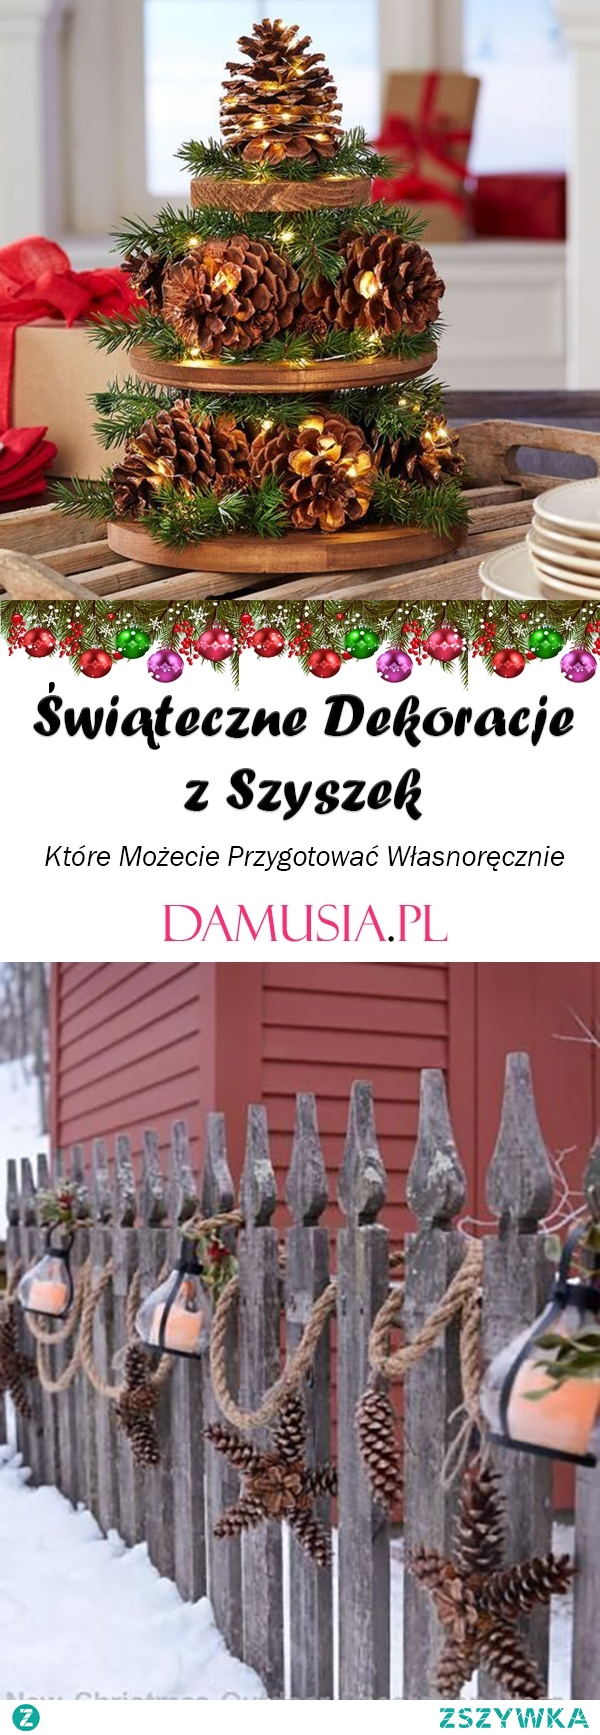 Świąteczne Dekoracje z Szyszek – TOP 24 Świąteczne Ozdoby Które Możecie Przygotować Własnoręcznie